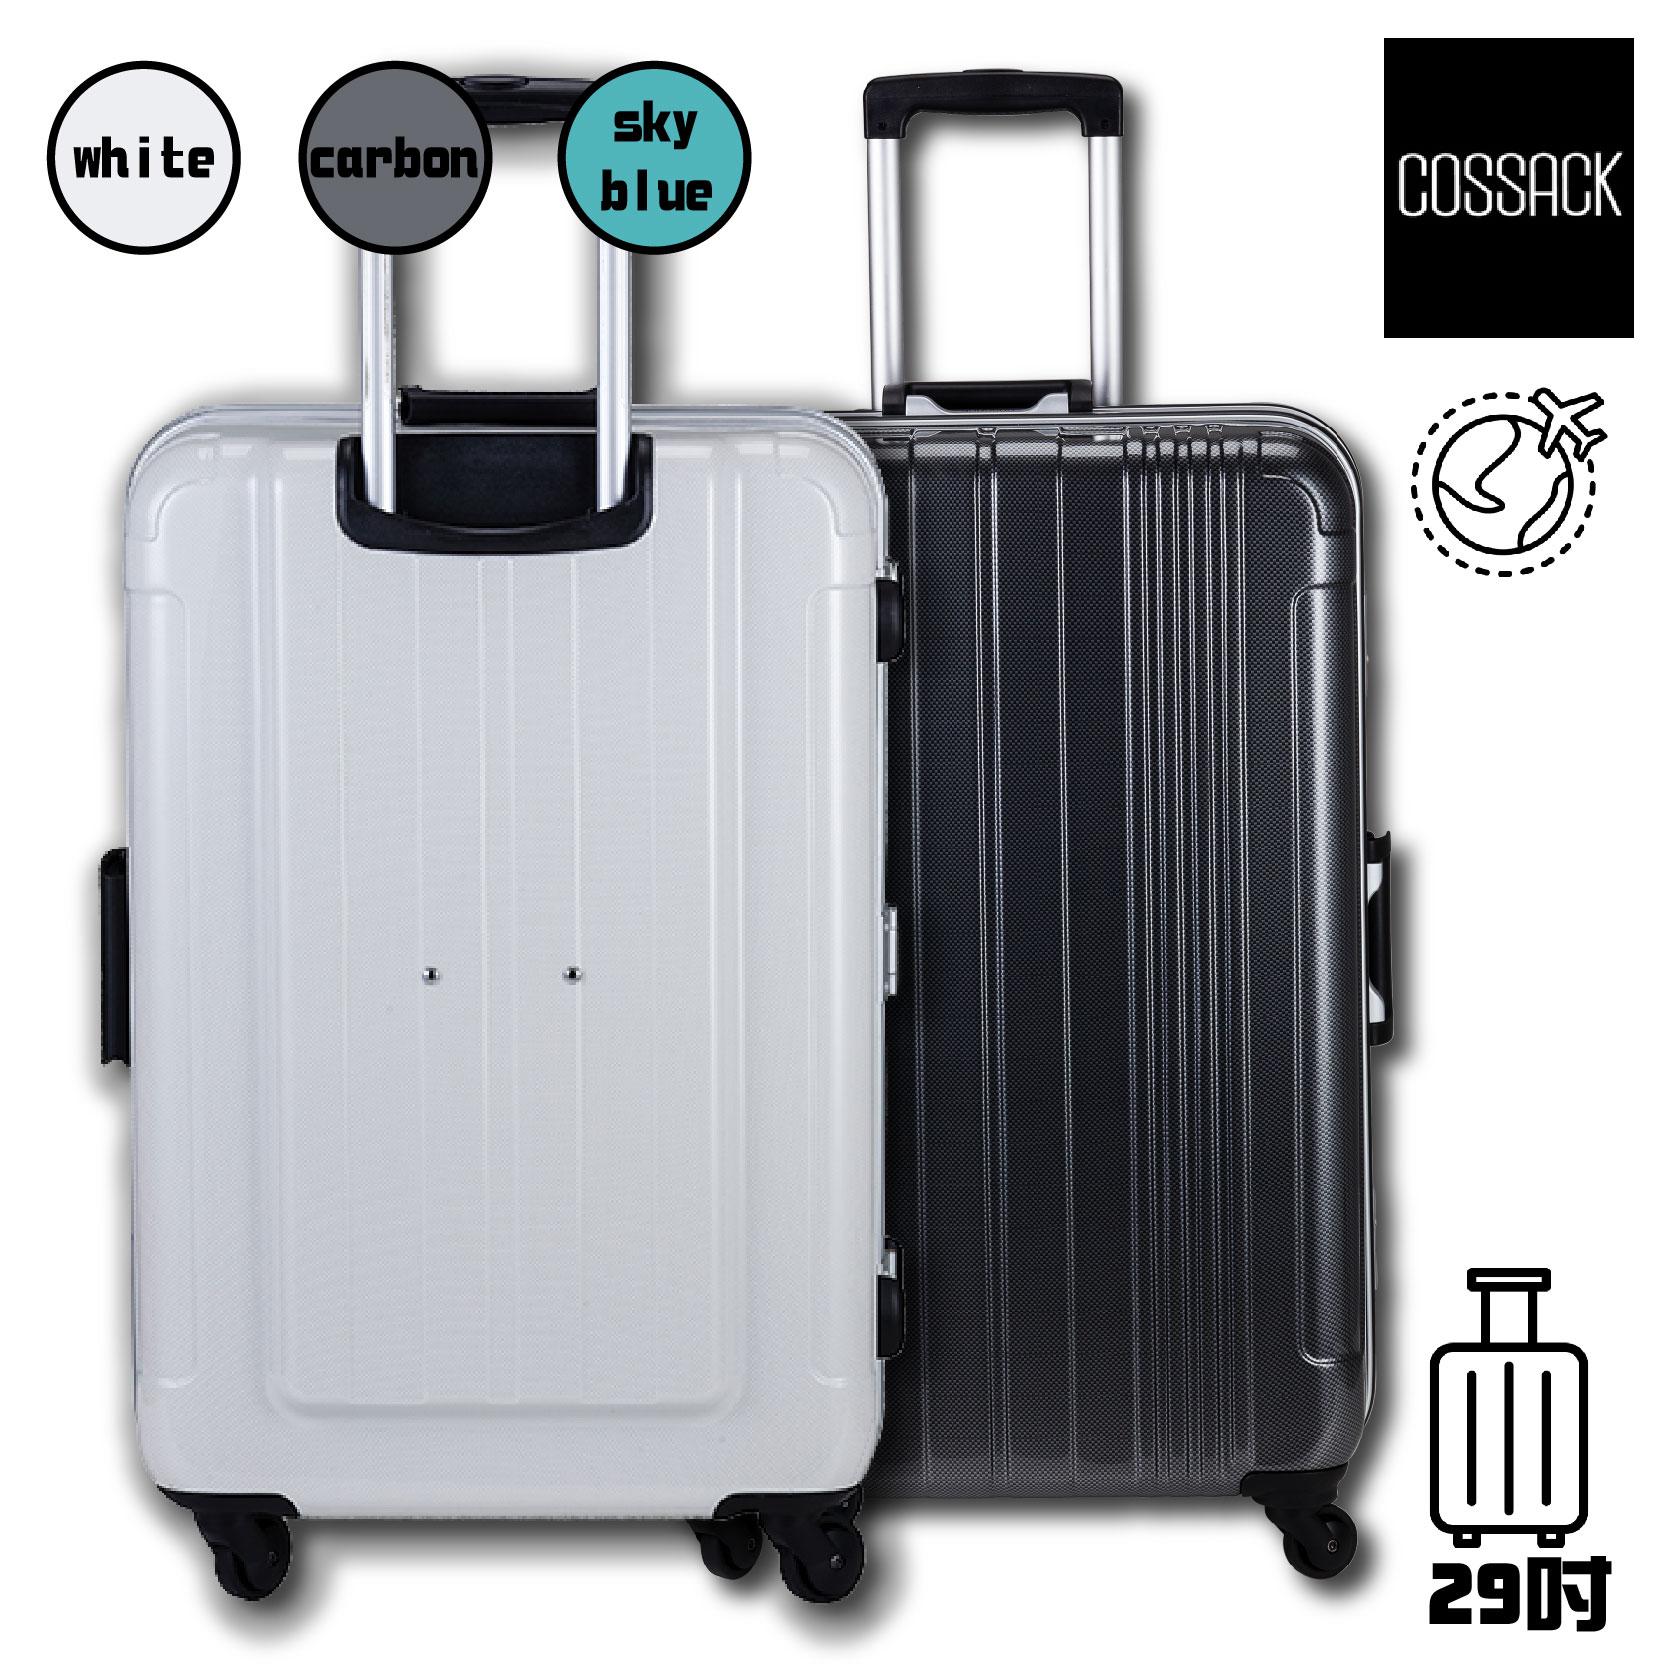 下定決心!出國吧! 實質系列 29吋 PC鋁框行李箱 出國 旅遊 硬殼行李箱 托運箱 CS11-2016029